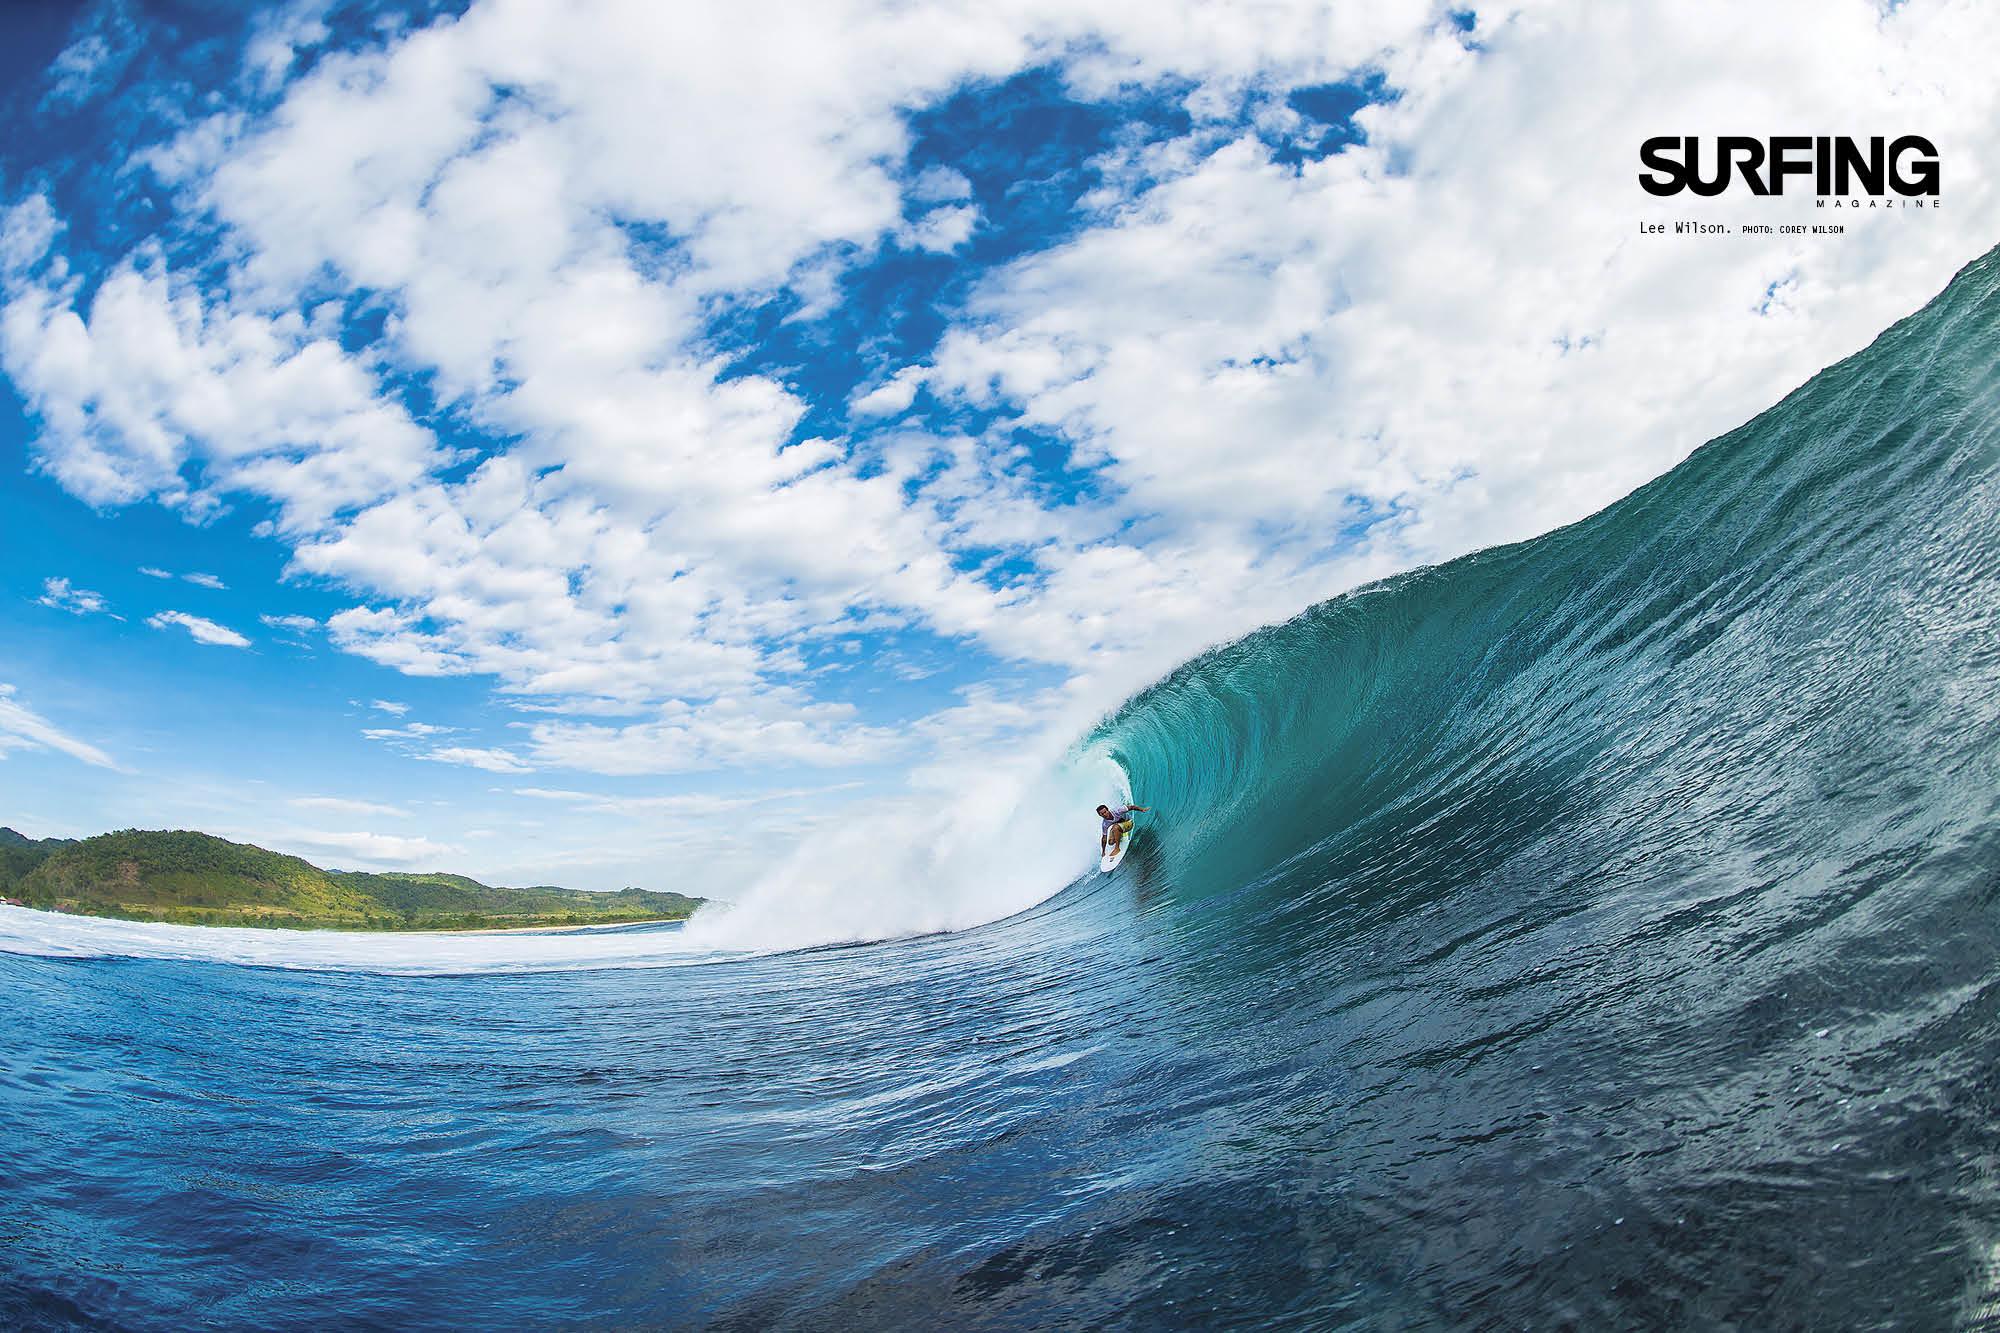 Surf Pics Wallpaper 76 Images